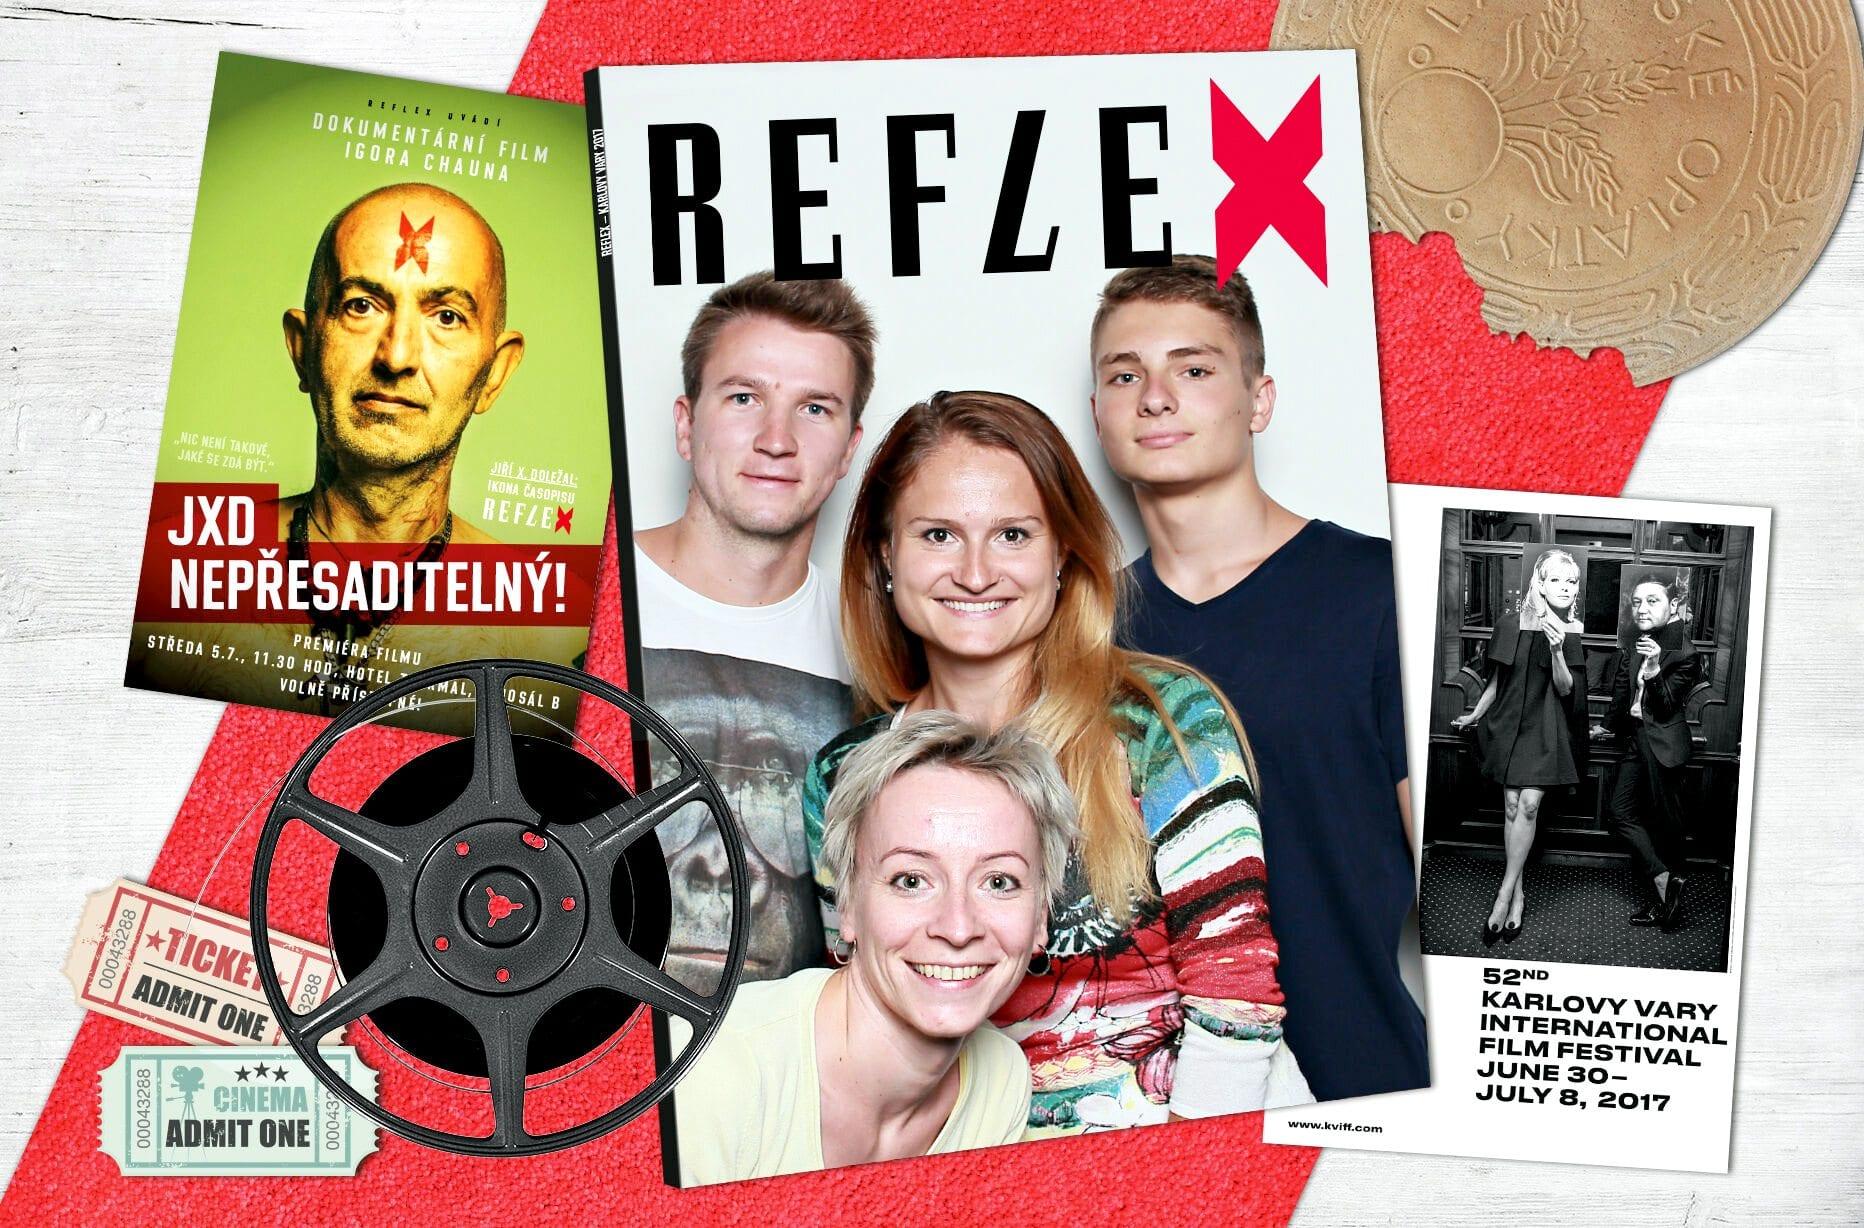 fotokoutek-reflex-kviff-30-6-2017-275623